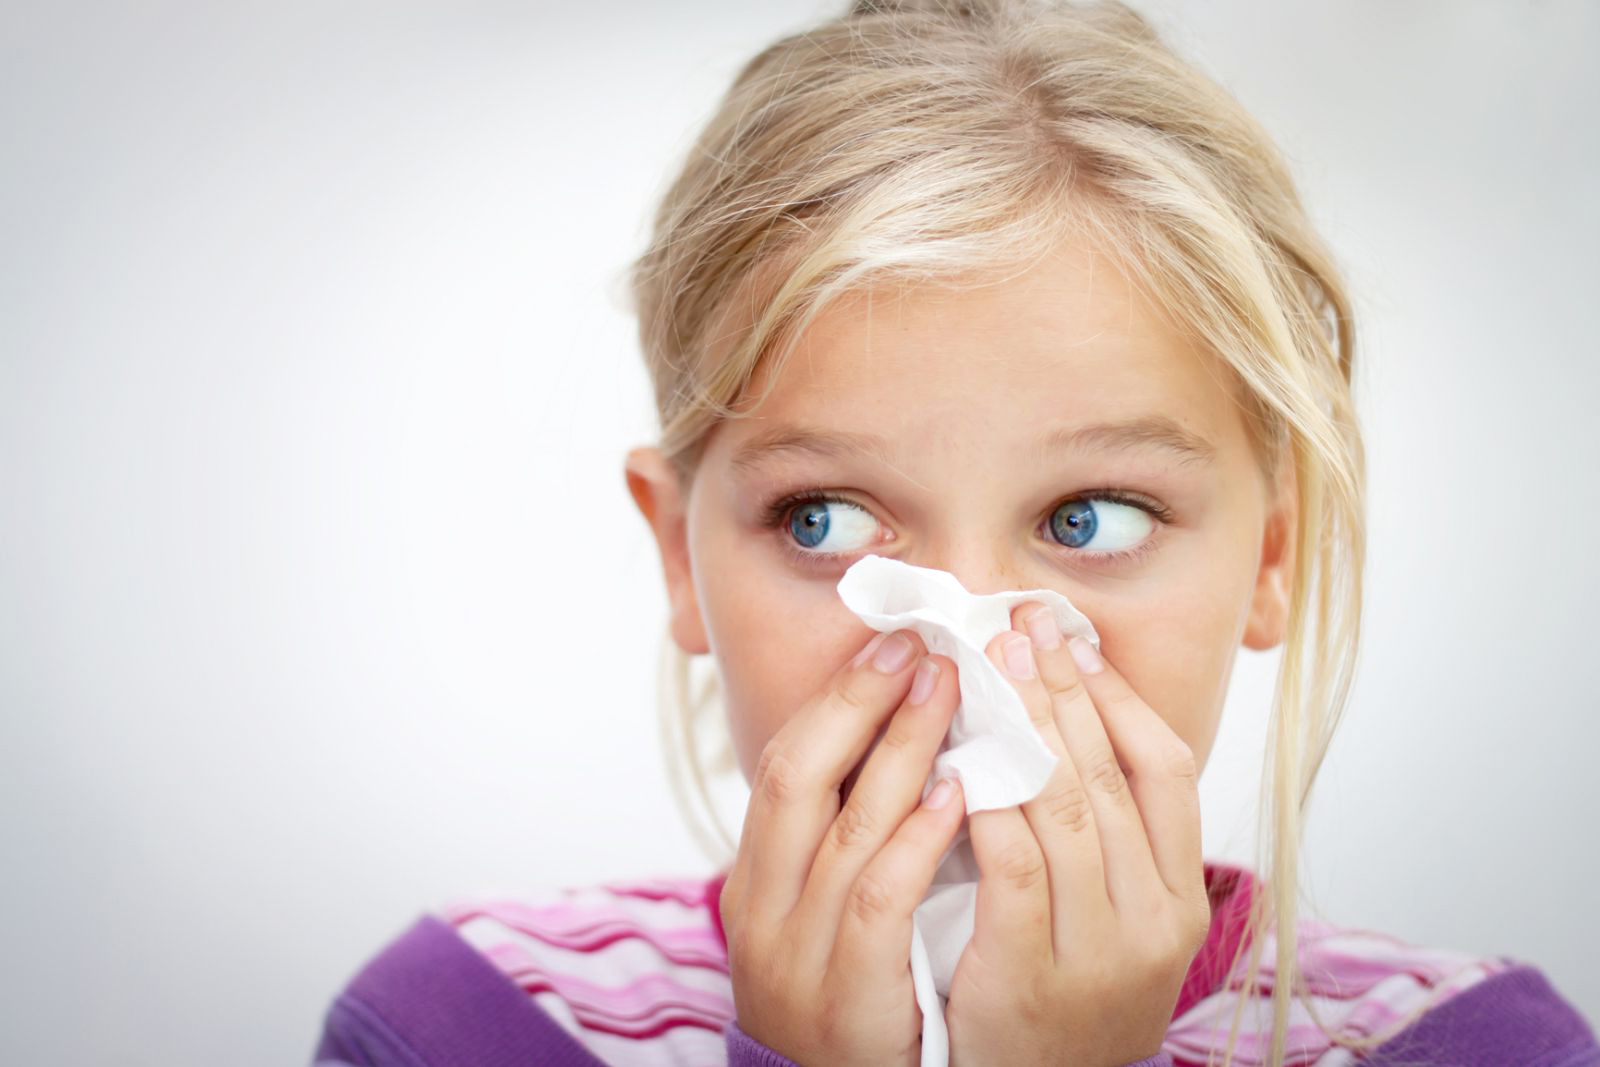 Аллергия у ребенка на йоркширского терьера